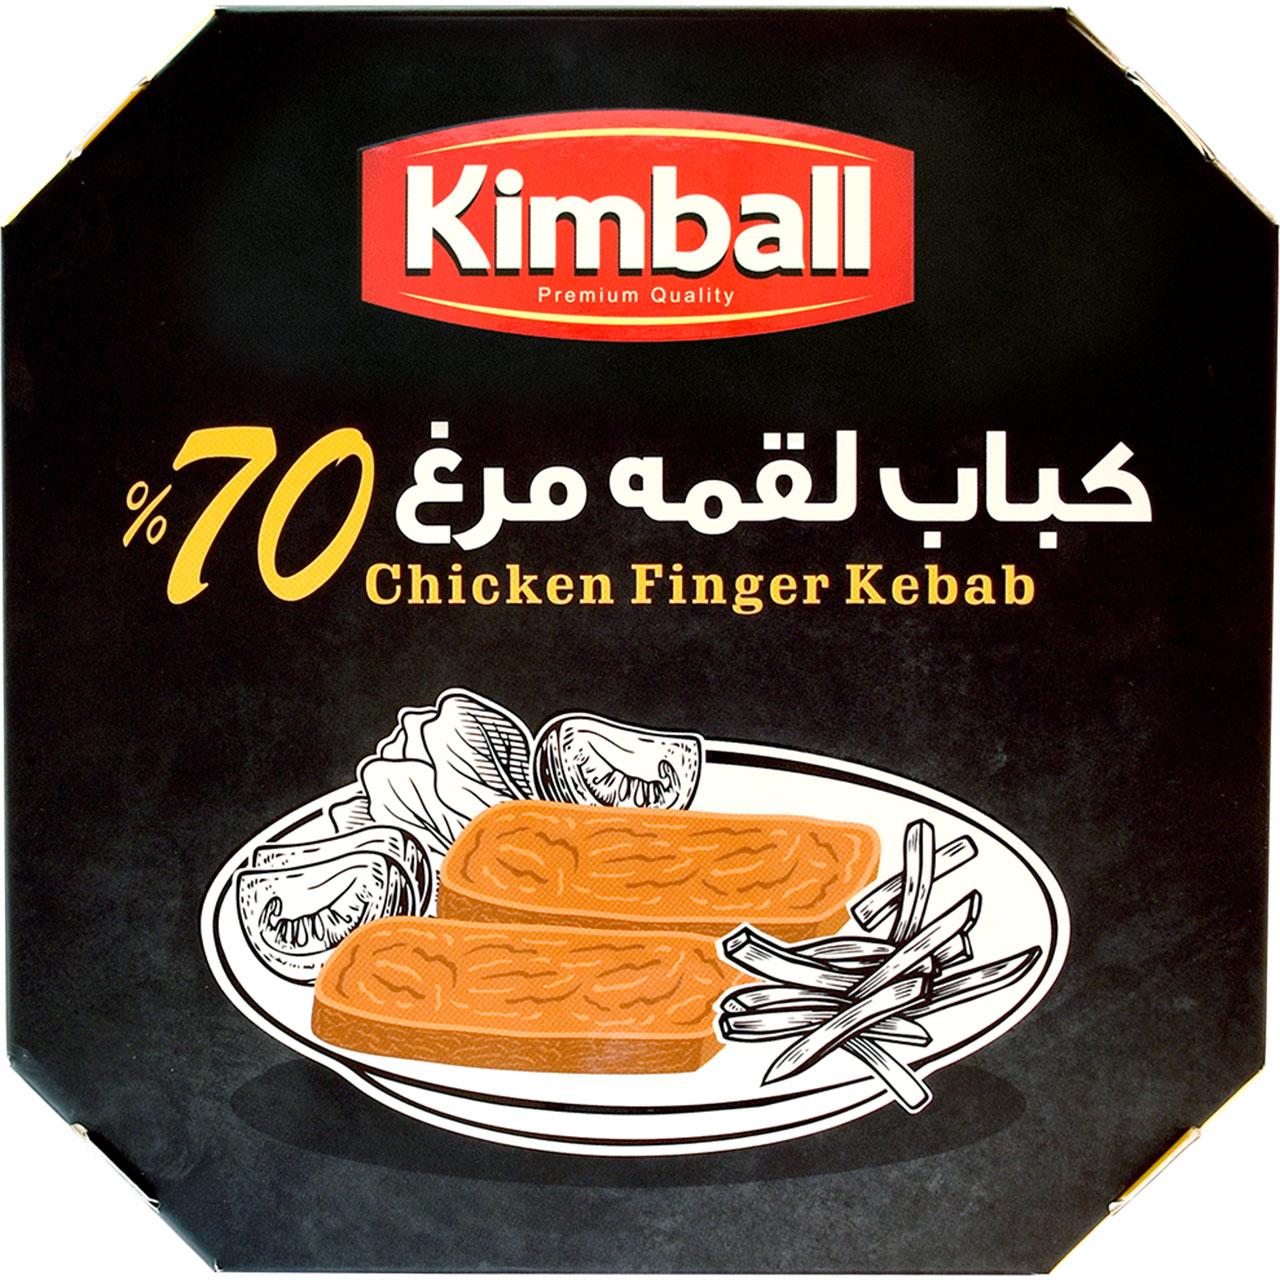 کباب لقمه 70 درصد گوشت مرغ کیمبال - 500 گرم